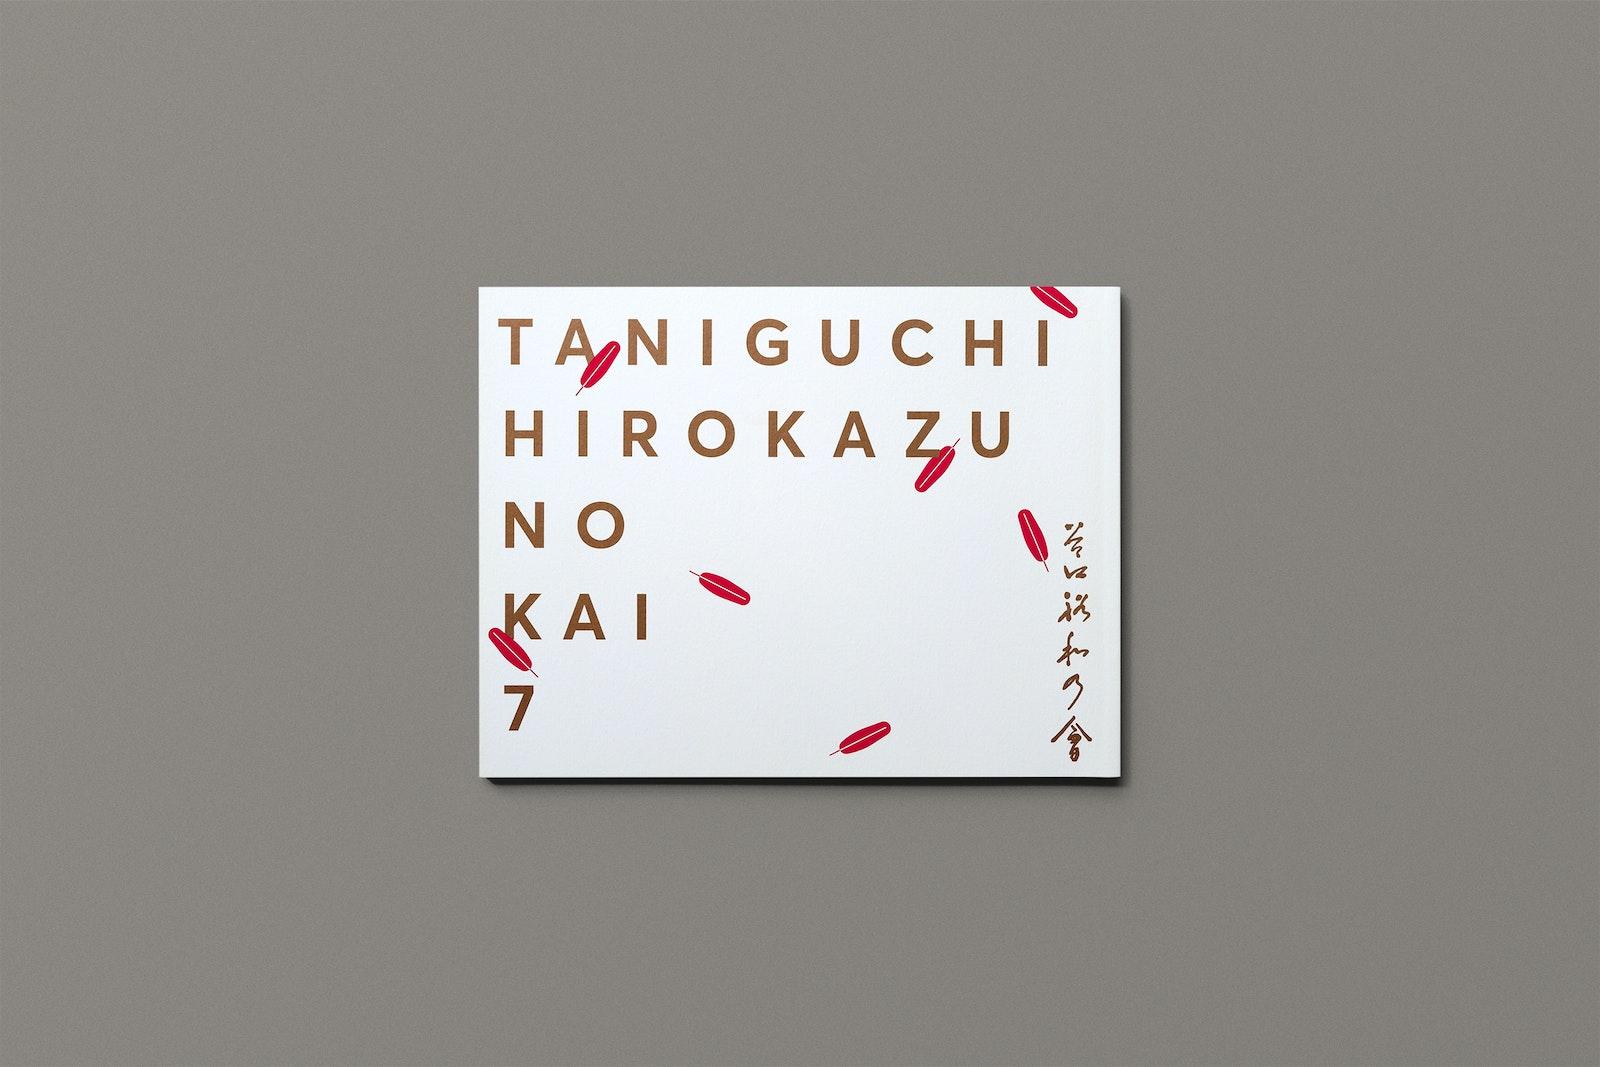 Taniguchi Hirokazu No Kai 7